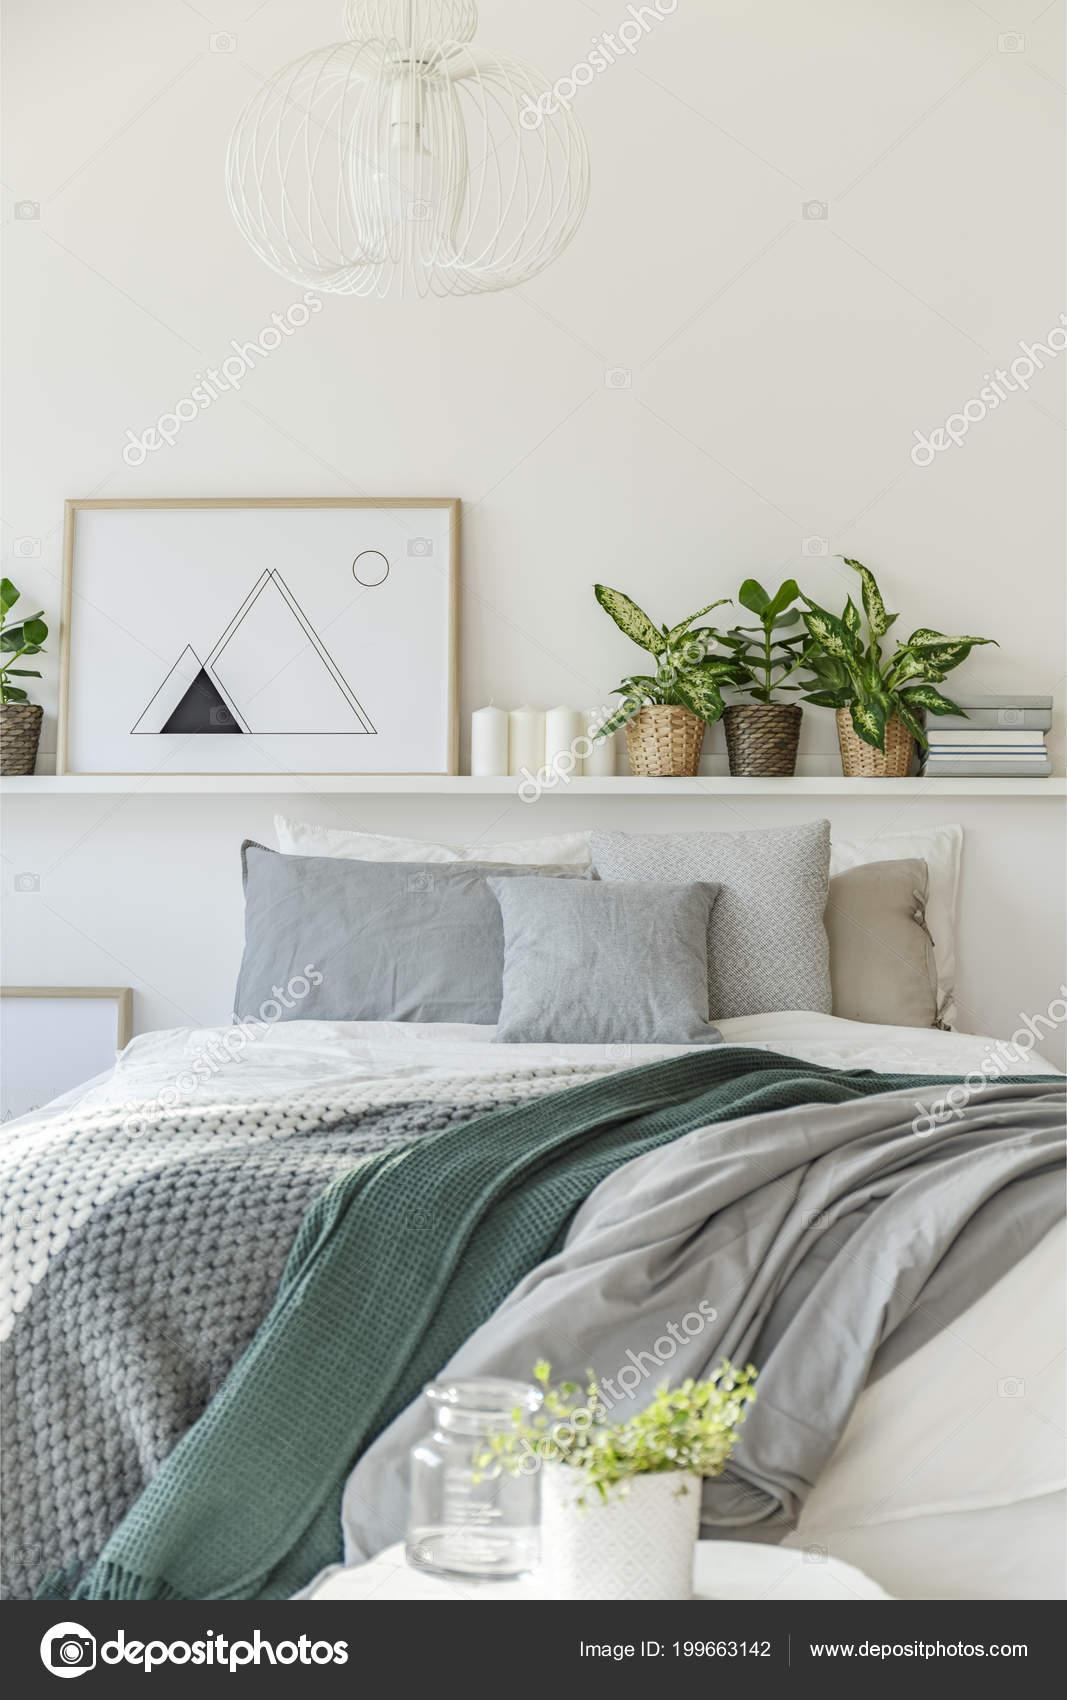 Graue Und Grüne Decke Auf Bett Gegen Die Wand Mit — Stockfoto ...